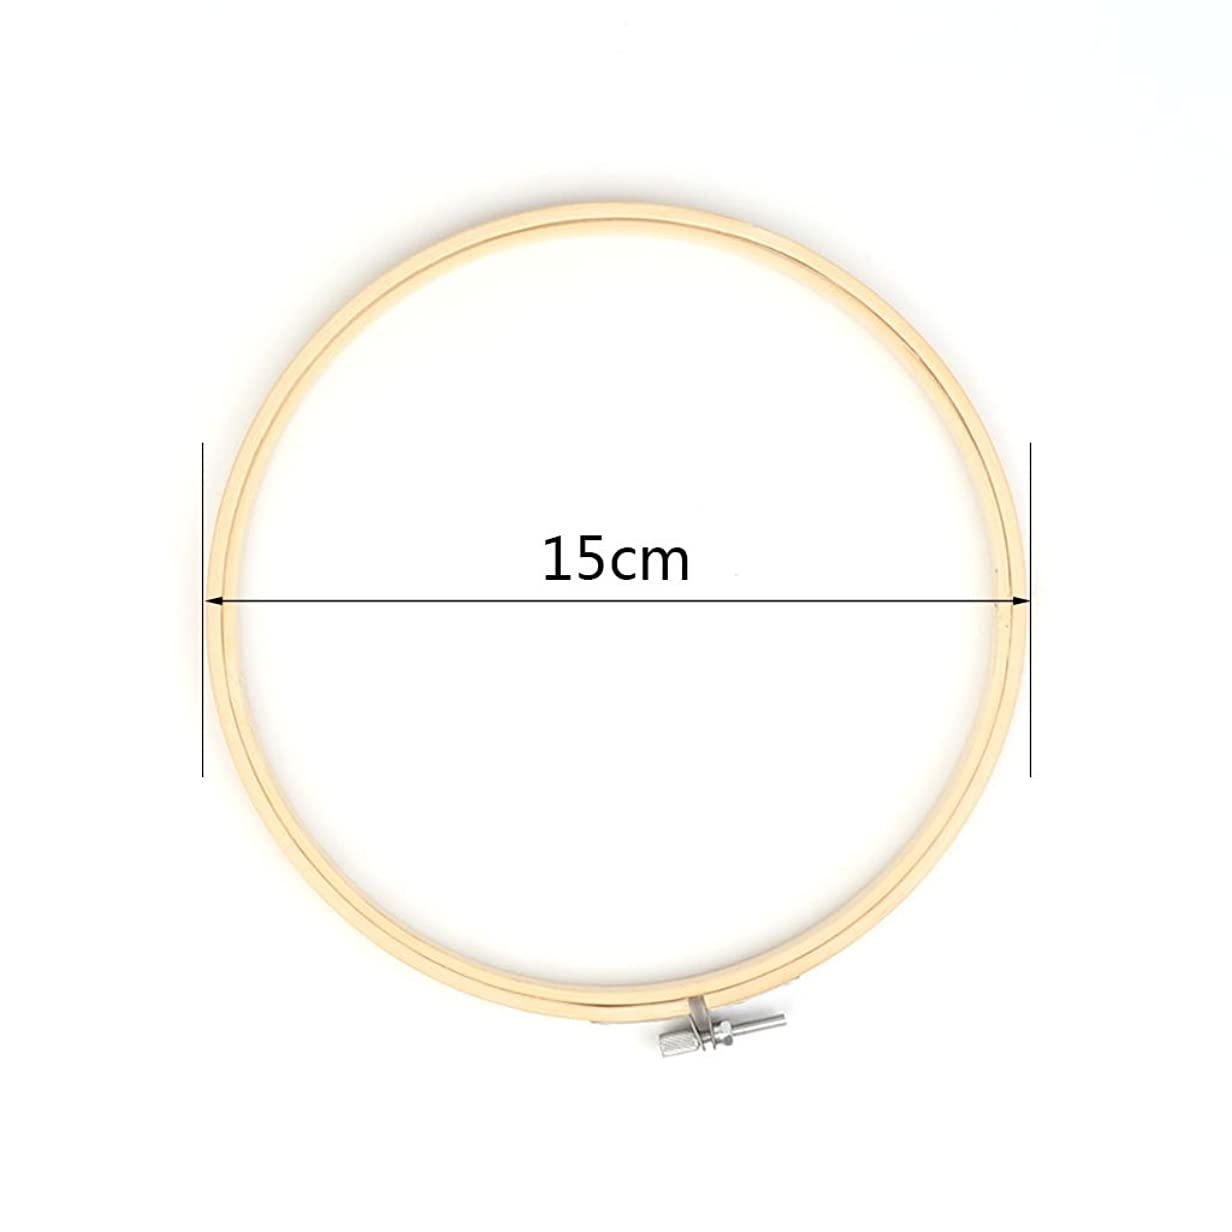 ピカリング低下生産的GJTr 刺しゅう 枠 四角 角型 クロスステッチ フレーム 道具 刺繍 25 × 35 cm